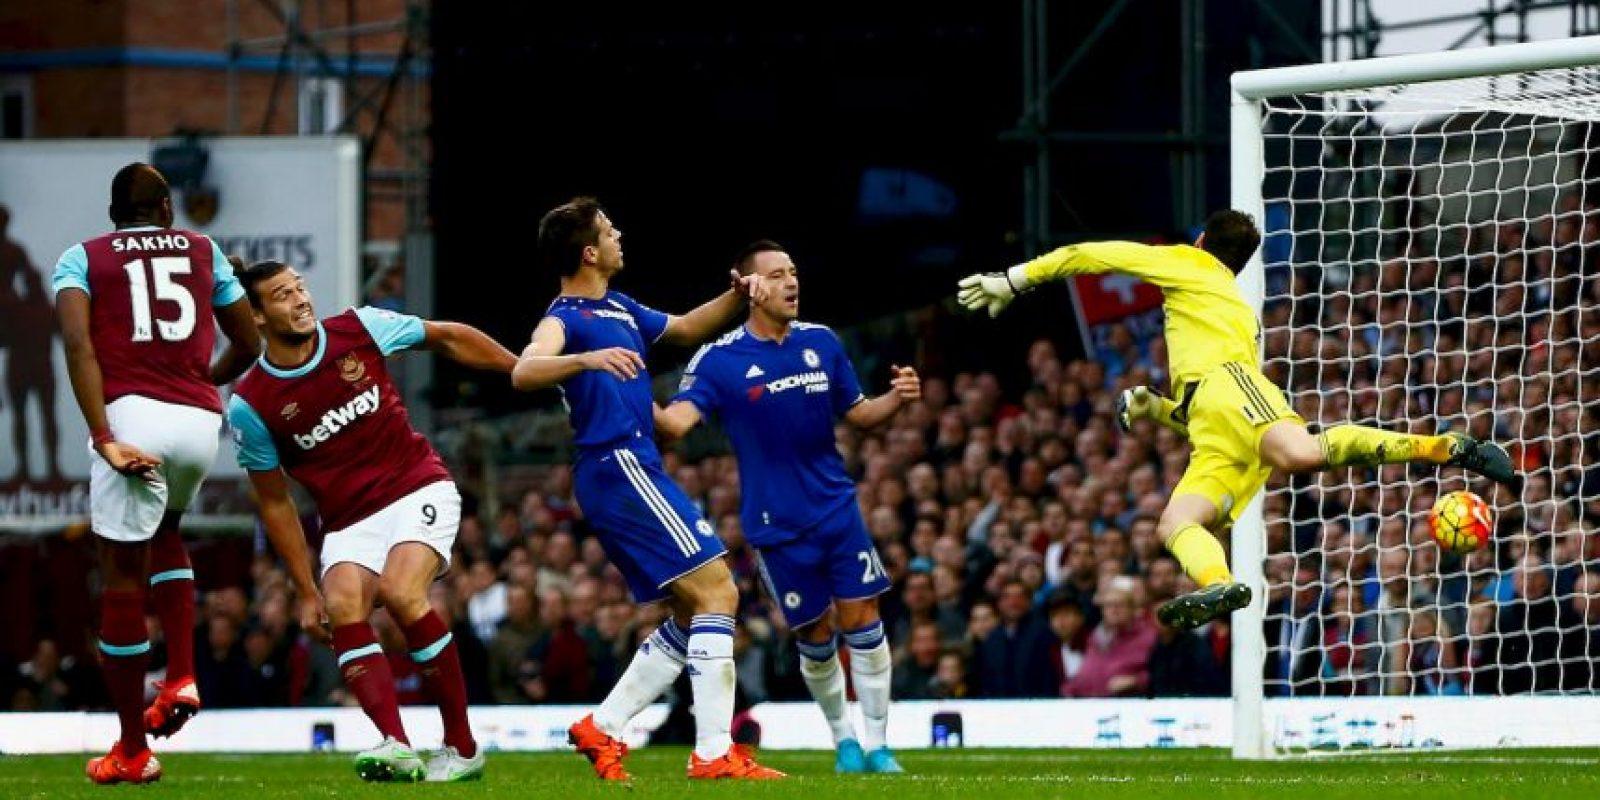 Carroll es un delantero inglés que destaca por su corpulencia a la hora de disputar el balón Foto:Getty Images